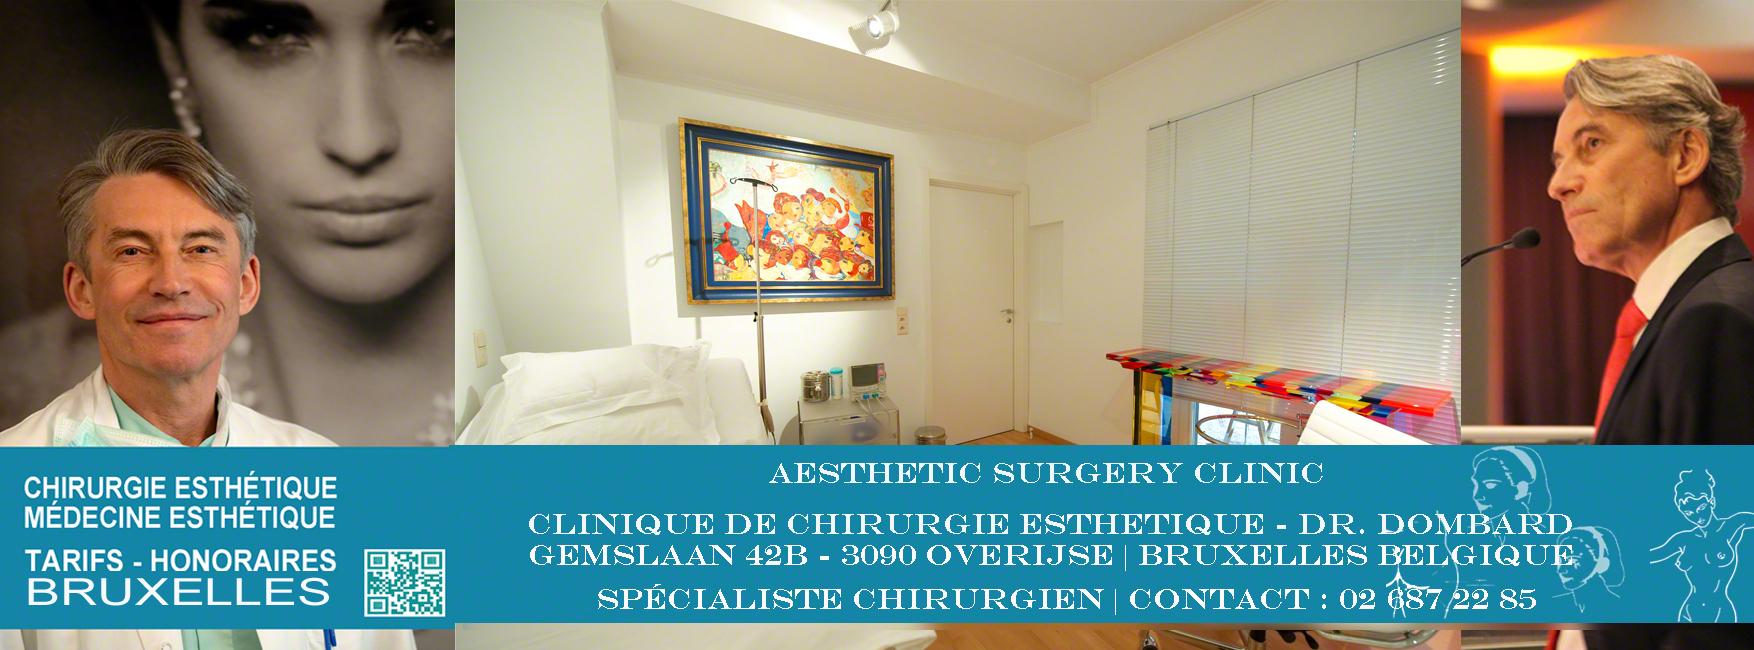 Tarifs Honoraires chirurgie esthétique Bruxelles Belgique